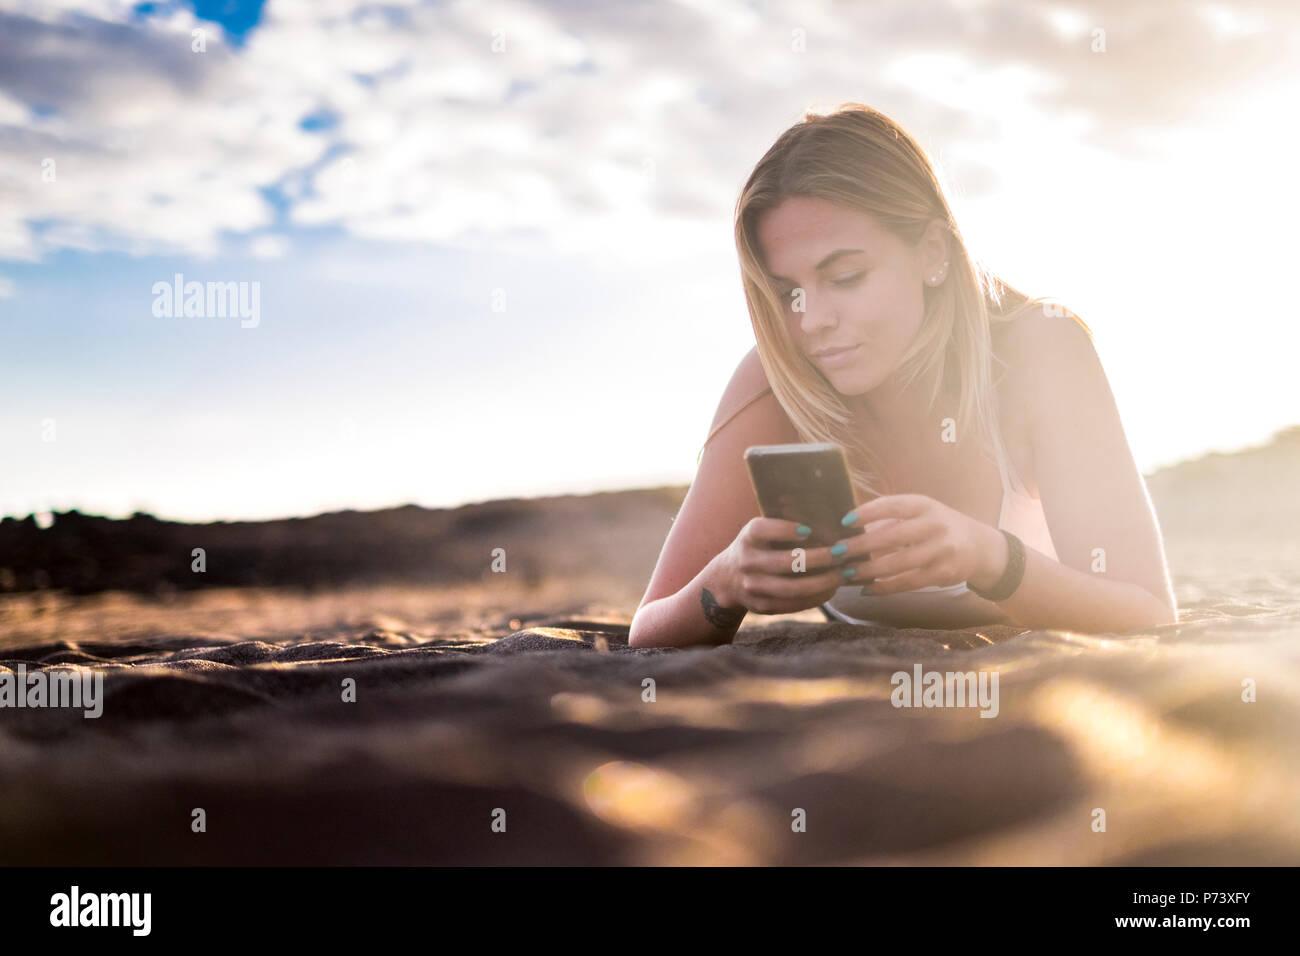 Belle jeune femme blonde jeter à la plage en vacances et le mode de vie activité de loisirs à l'aide d'un smartphone pour contrôler les médias sociaux et l'utilisation interne Photo Stock